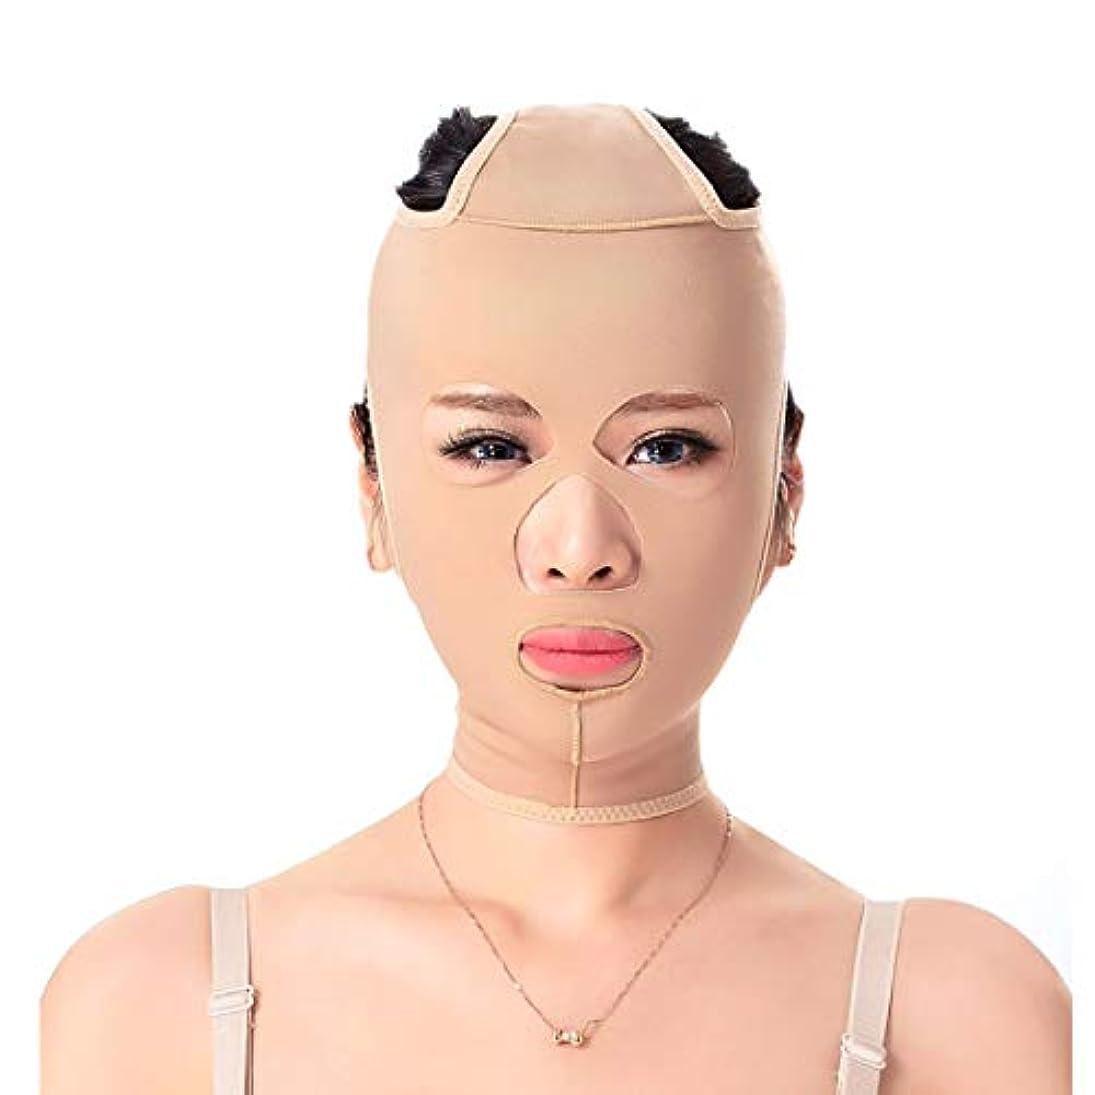 なので現金証明するGLJJQMY 減量ベルトマスクフェイスマスクマスクパターン強化二重あご引き締め顔面顔面強力なフェイスリフティング包帯 顔用整形マスク (Size : XXL)